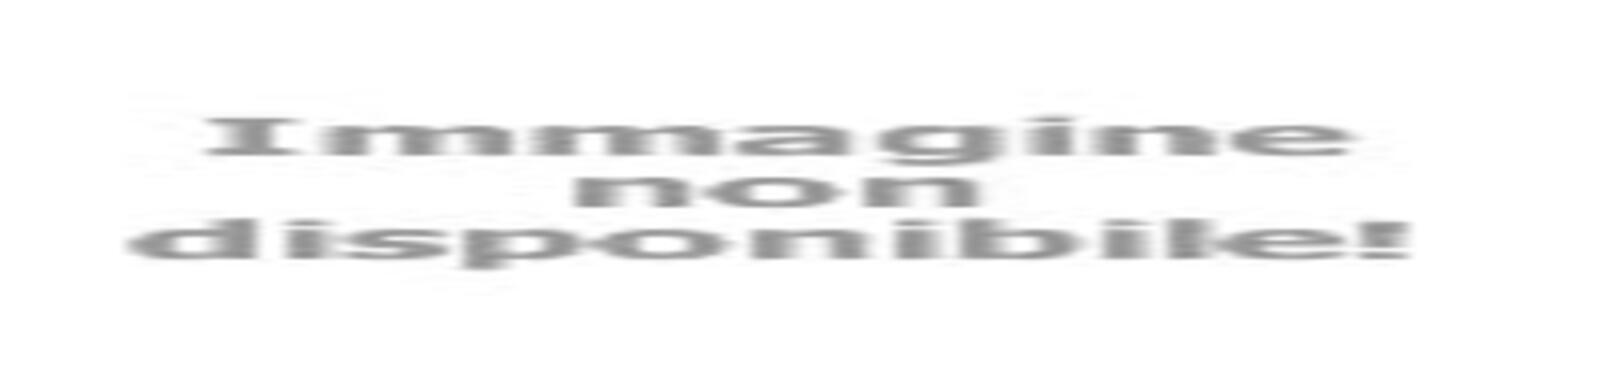 petronianaviaggi it pellegrinaggio-a-boccadirio-e-dintorni-v443 002